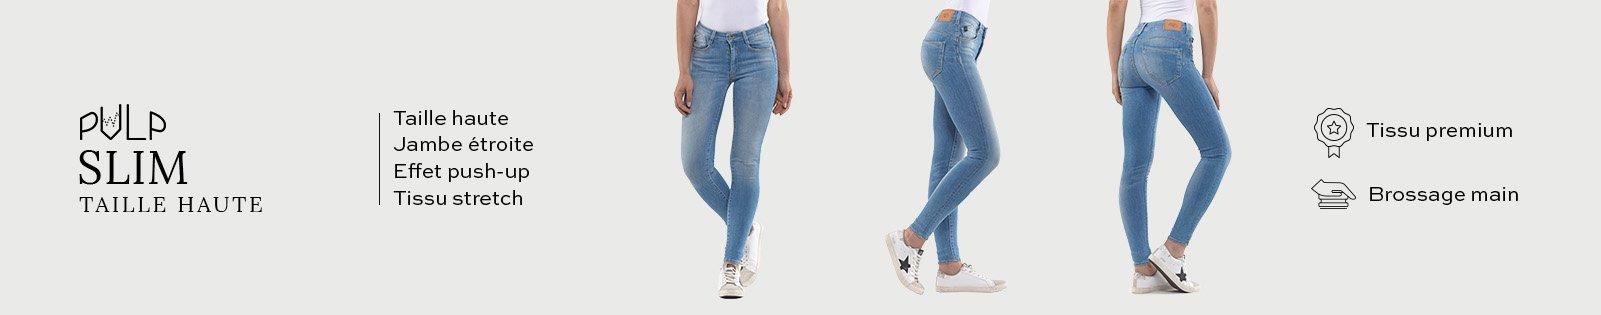 Pulp Slim Taille Haute